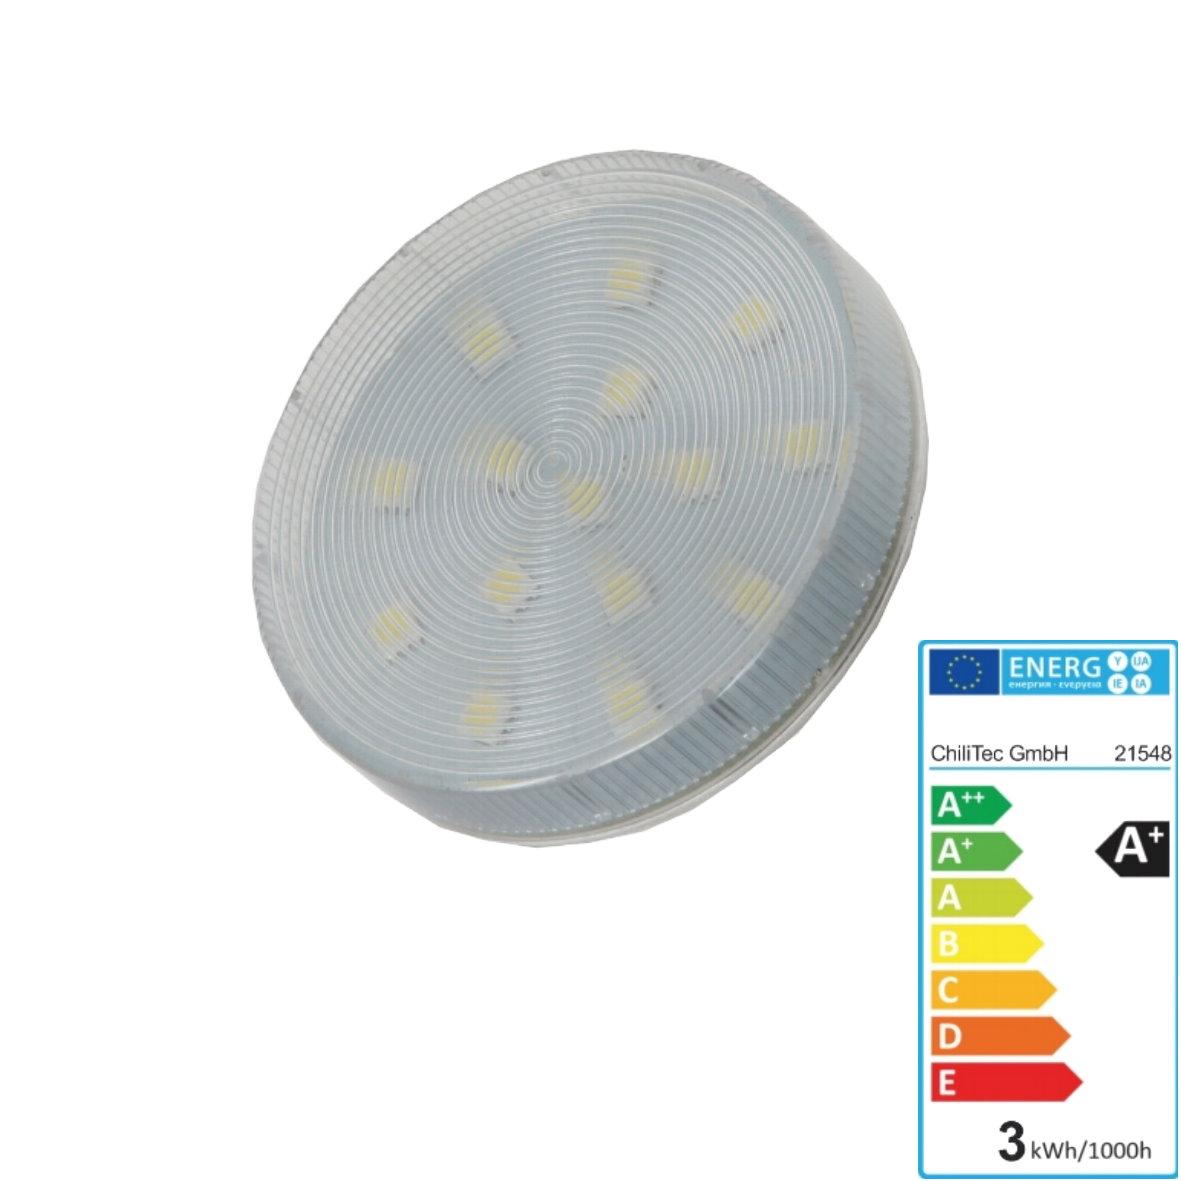 led smd gx53 leuchtmittel spot licht lampe leuchte lamp strahler 230v bis 8 5w ebay. Black Bedroom Furniture Sets. Home Design Ideas